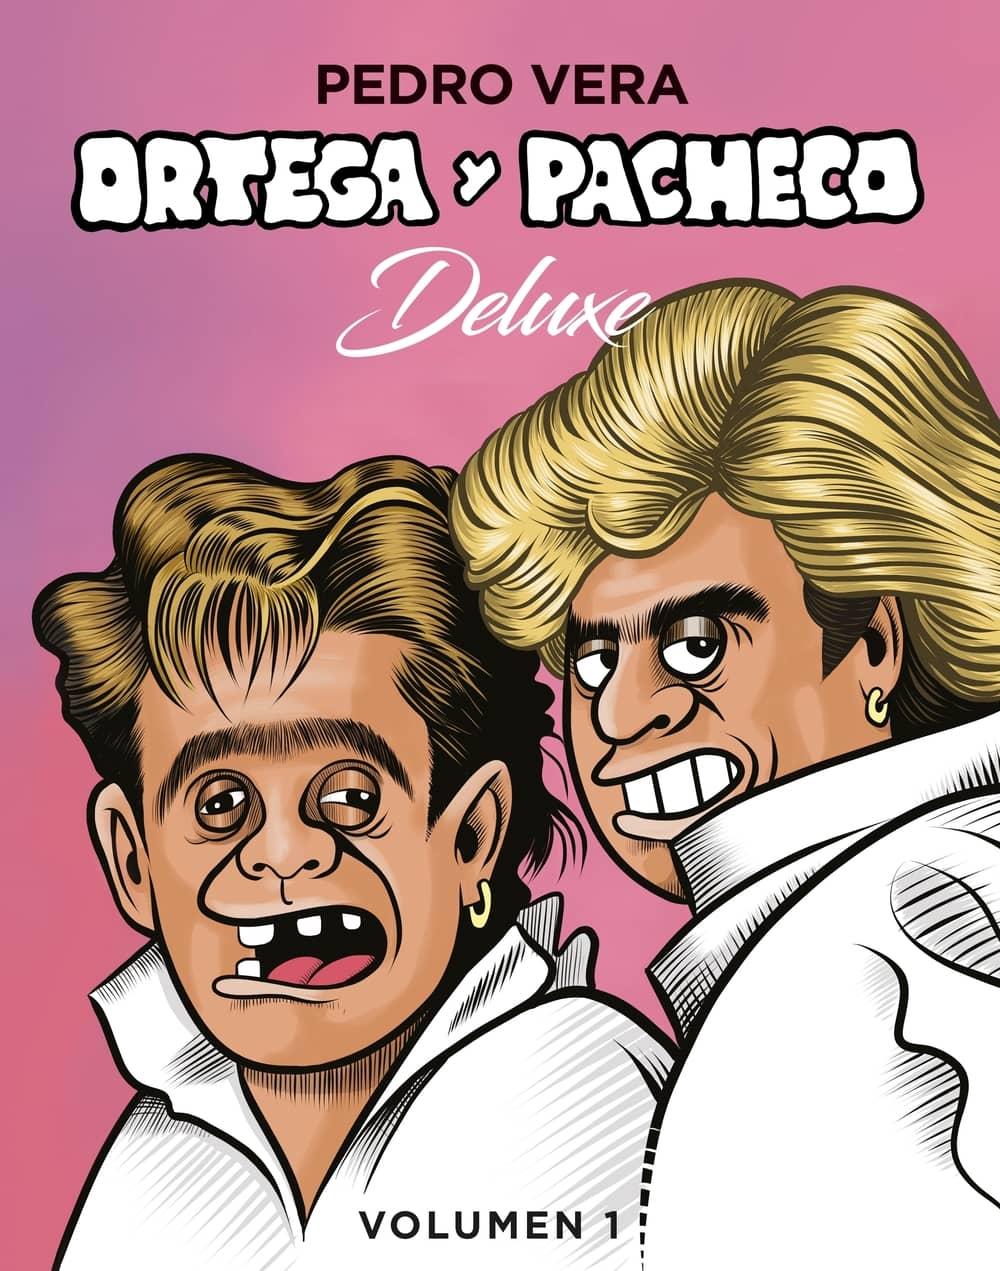 Portada de 'Ortega y Pacheco Deluxe', volumen 1